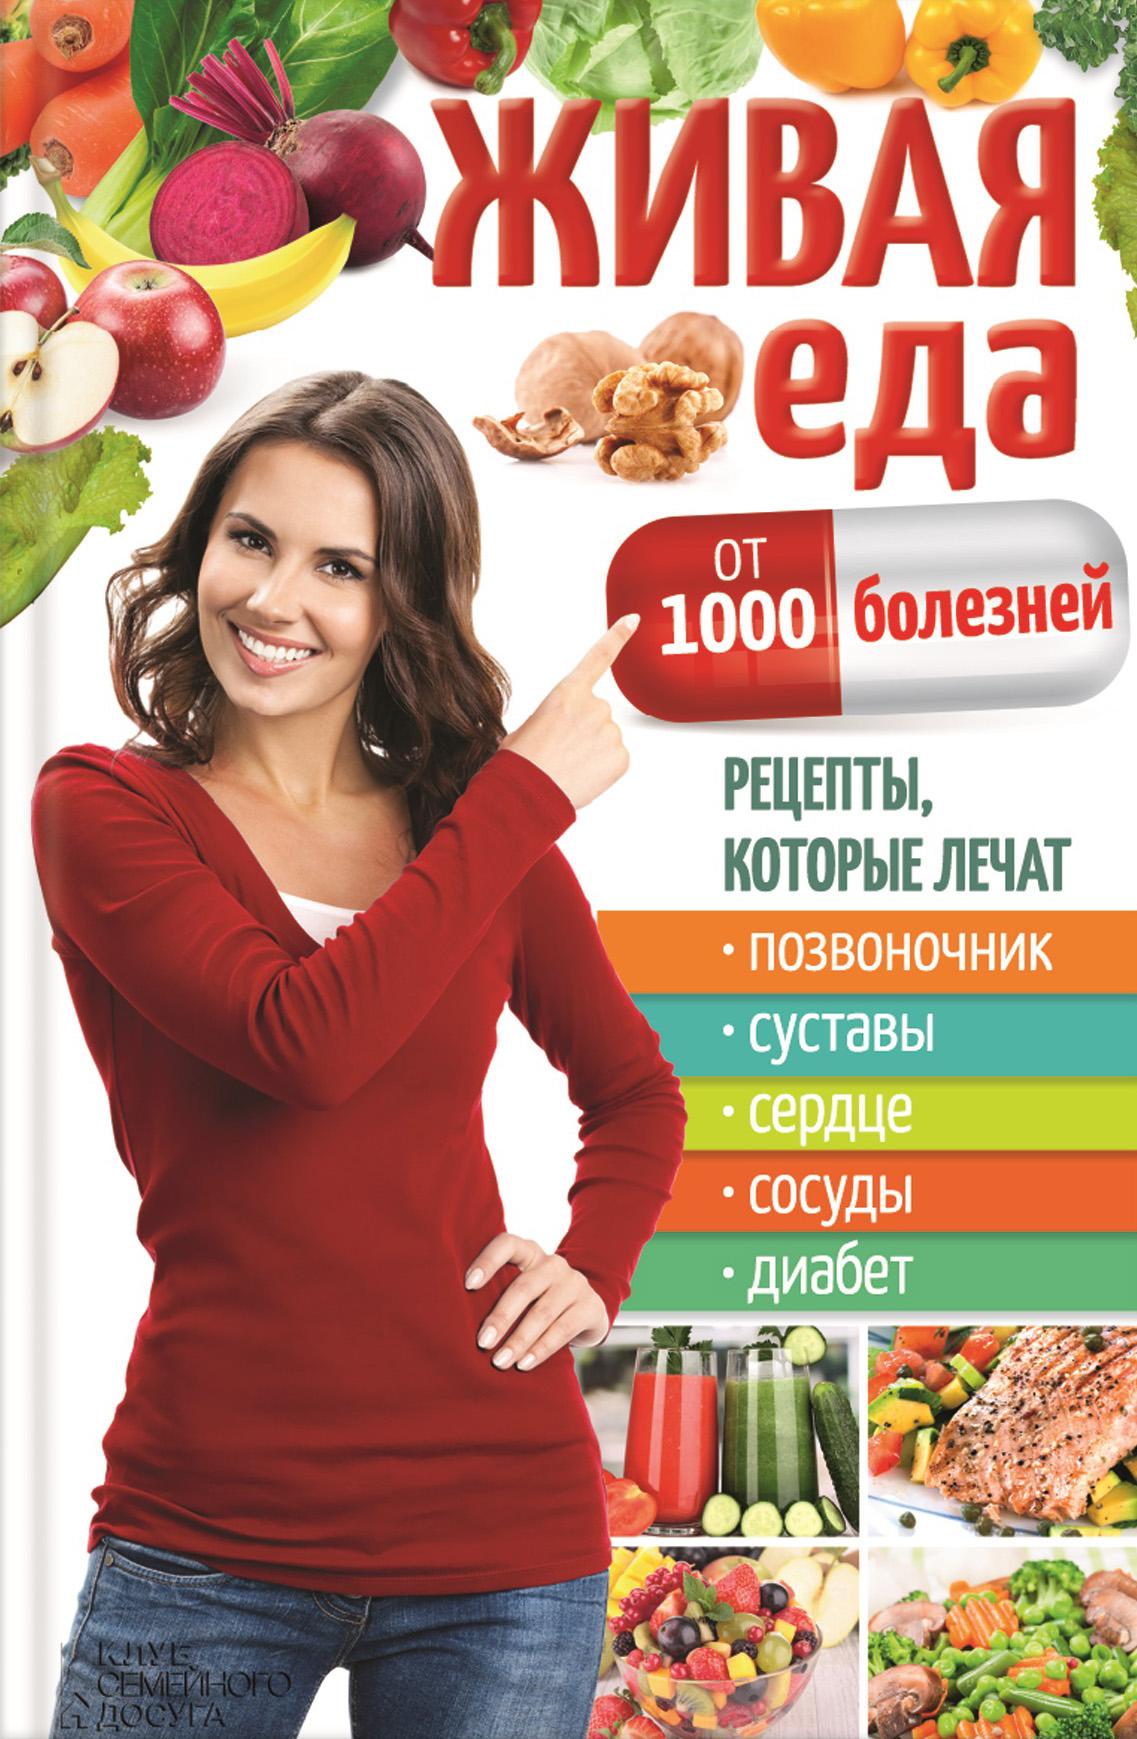 Отсутствует Живая еда от 1000 болезней. Рецепты, которые лечат позвоночник, суставы, сердце, сосуды, диабет